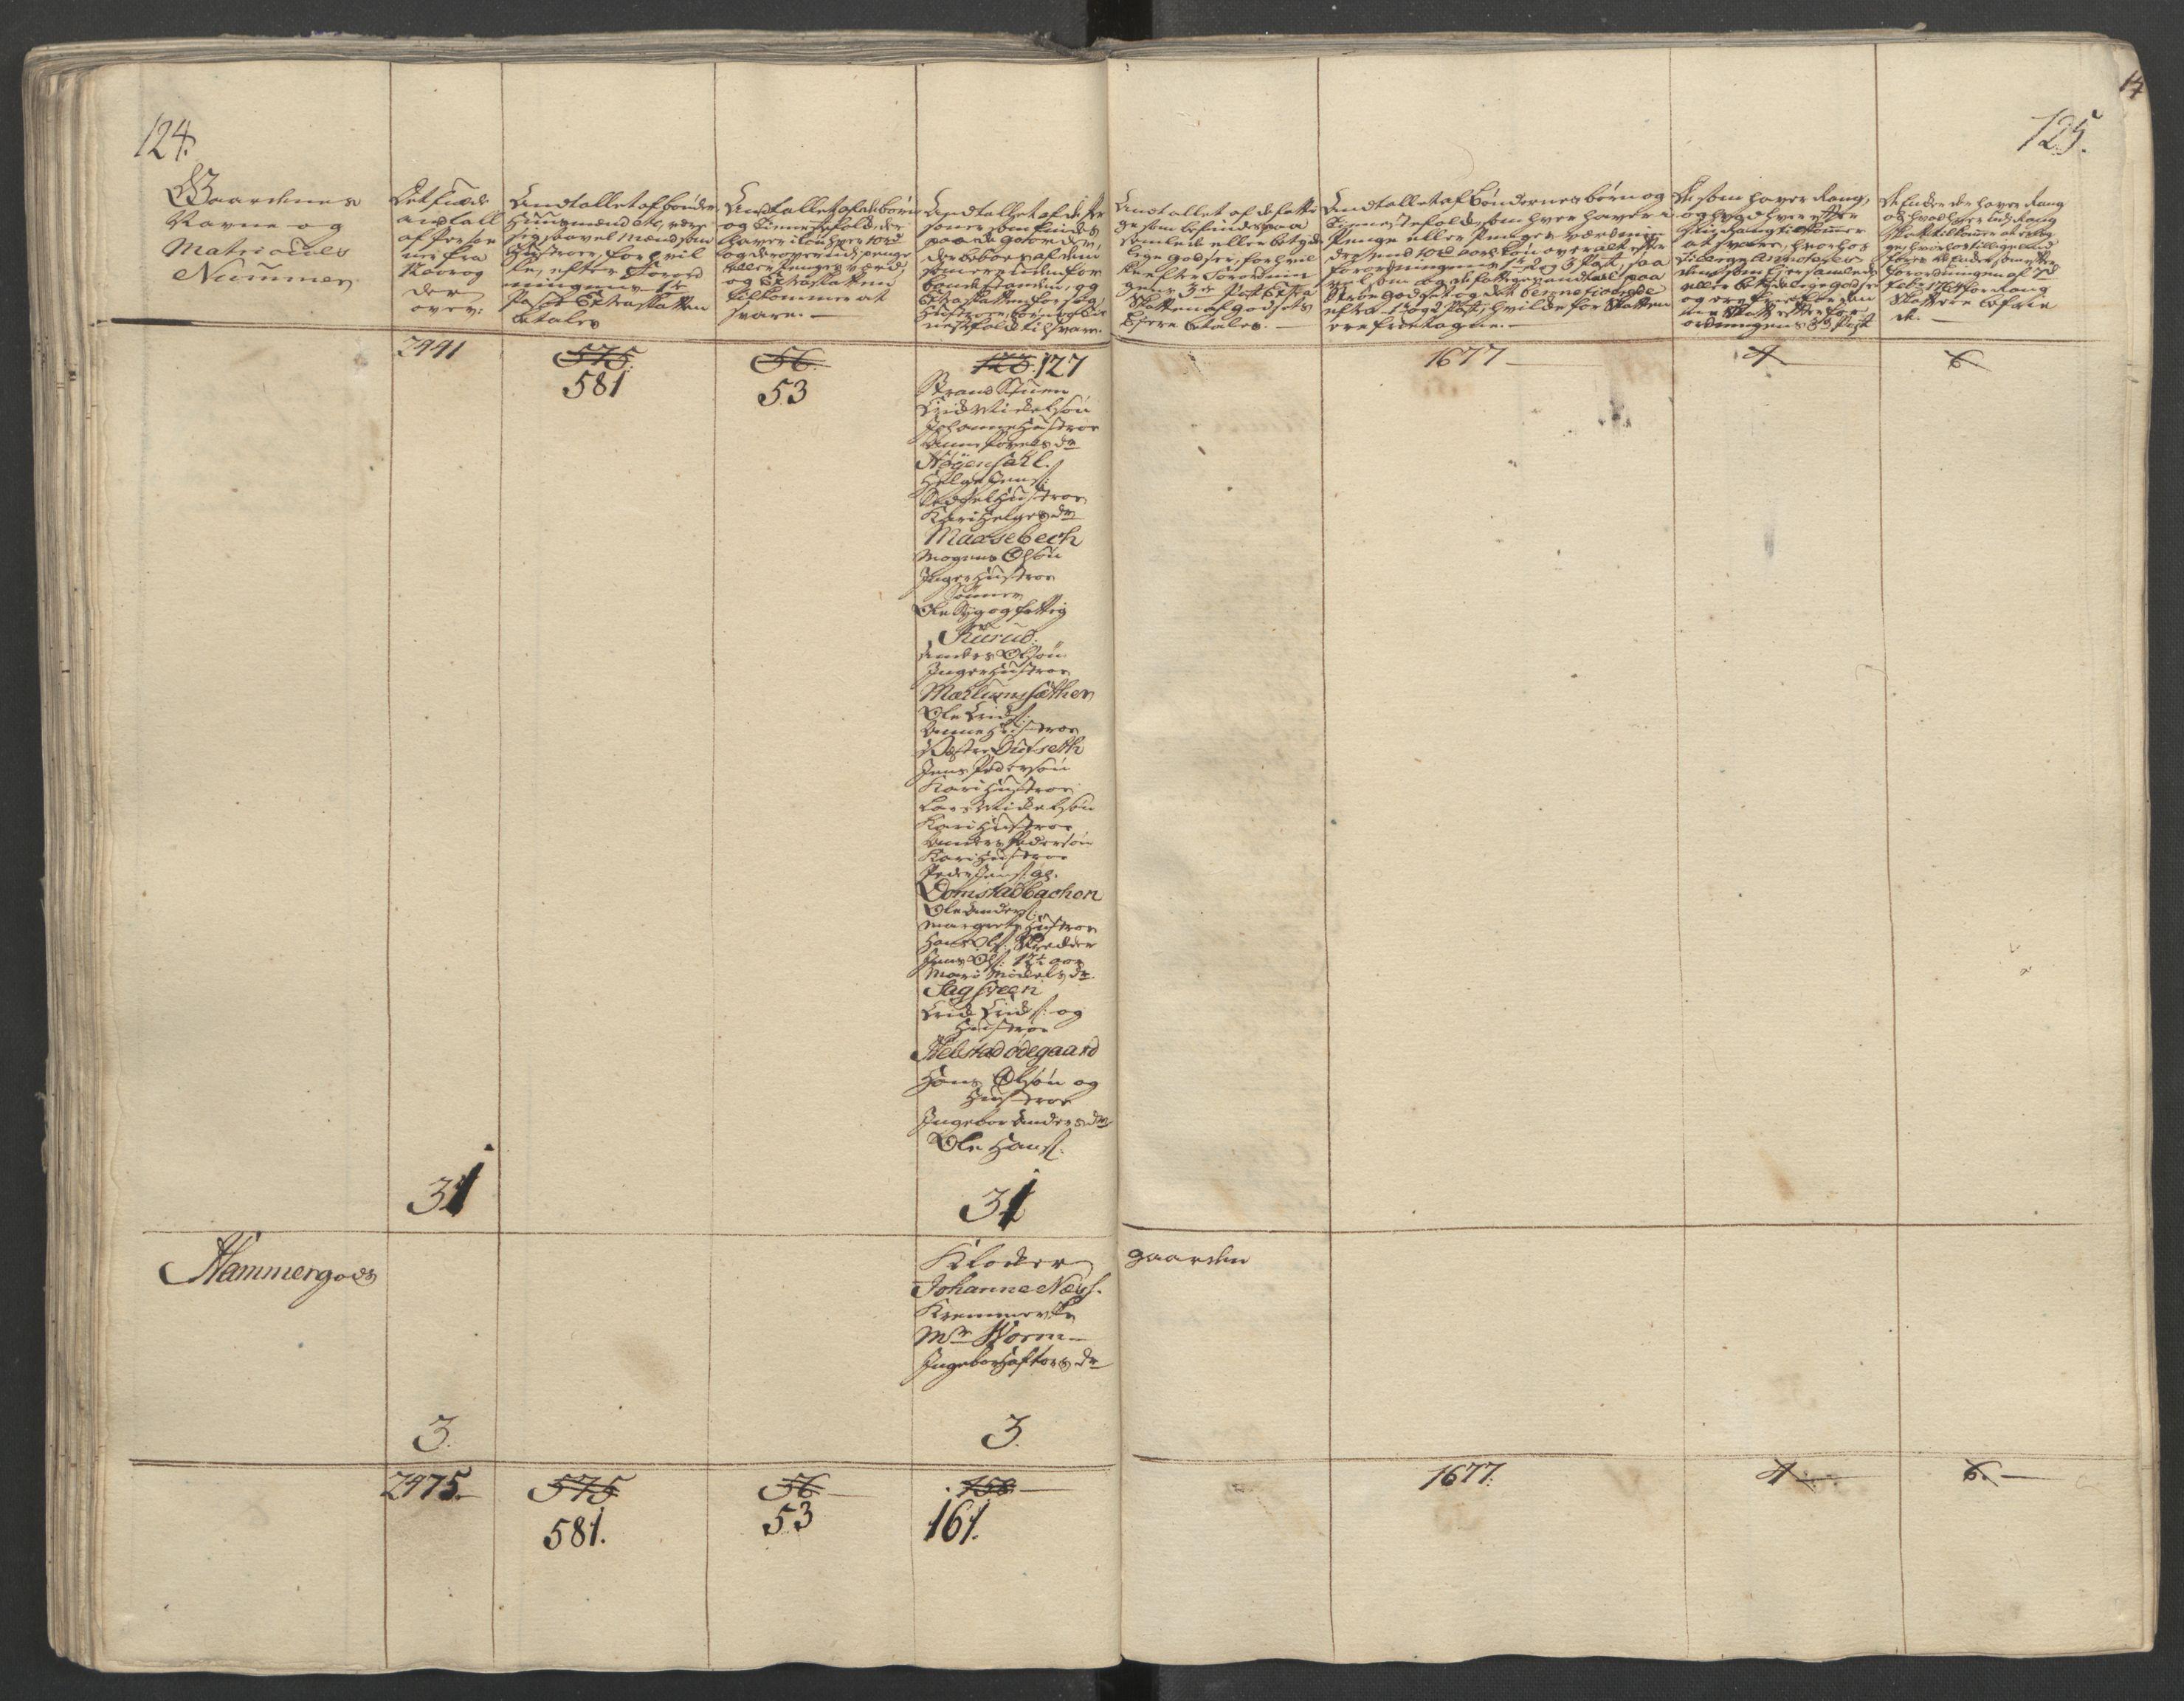 RA, Rentekammeret inntil 1814, Reviderte regnskaper, Fogderegnskap, R16/L1148: Ekstraskatten Hedmark, 1764, s. 179